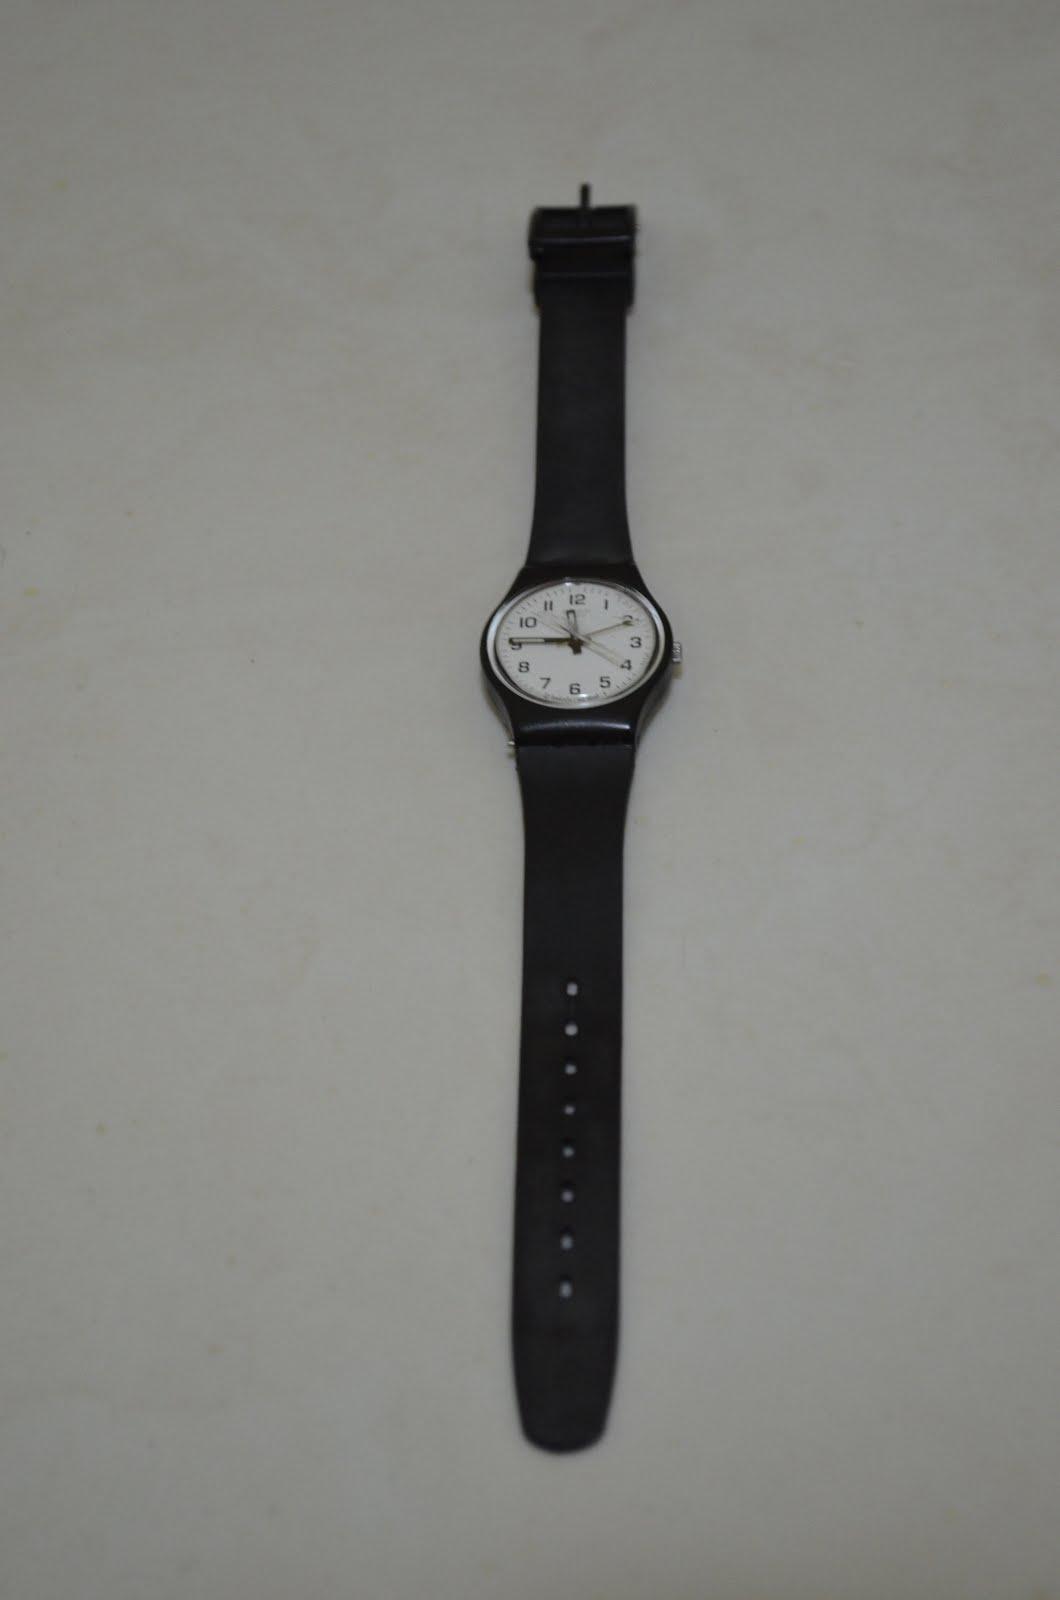 dd1da37a87c Relógio Swatch preto com fundo branco e pulseira de borracha.